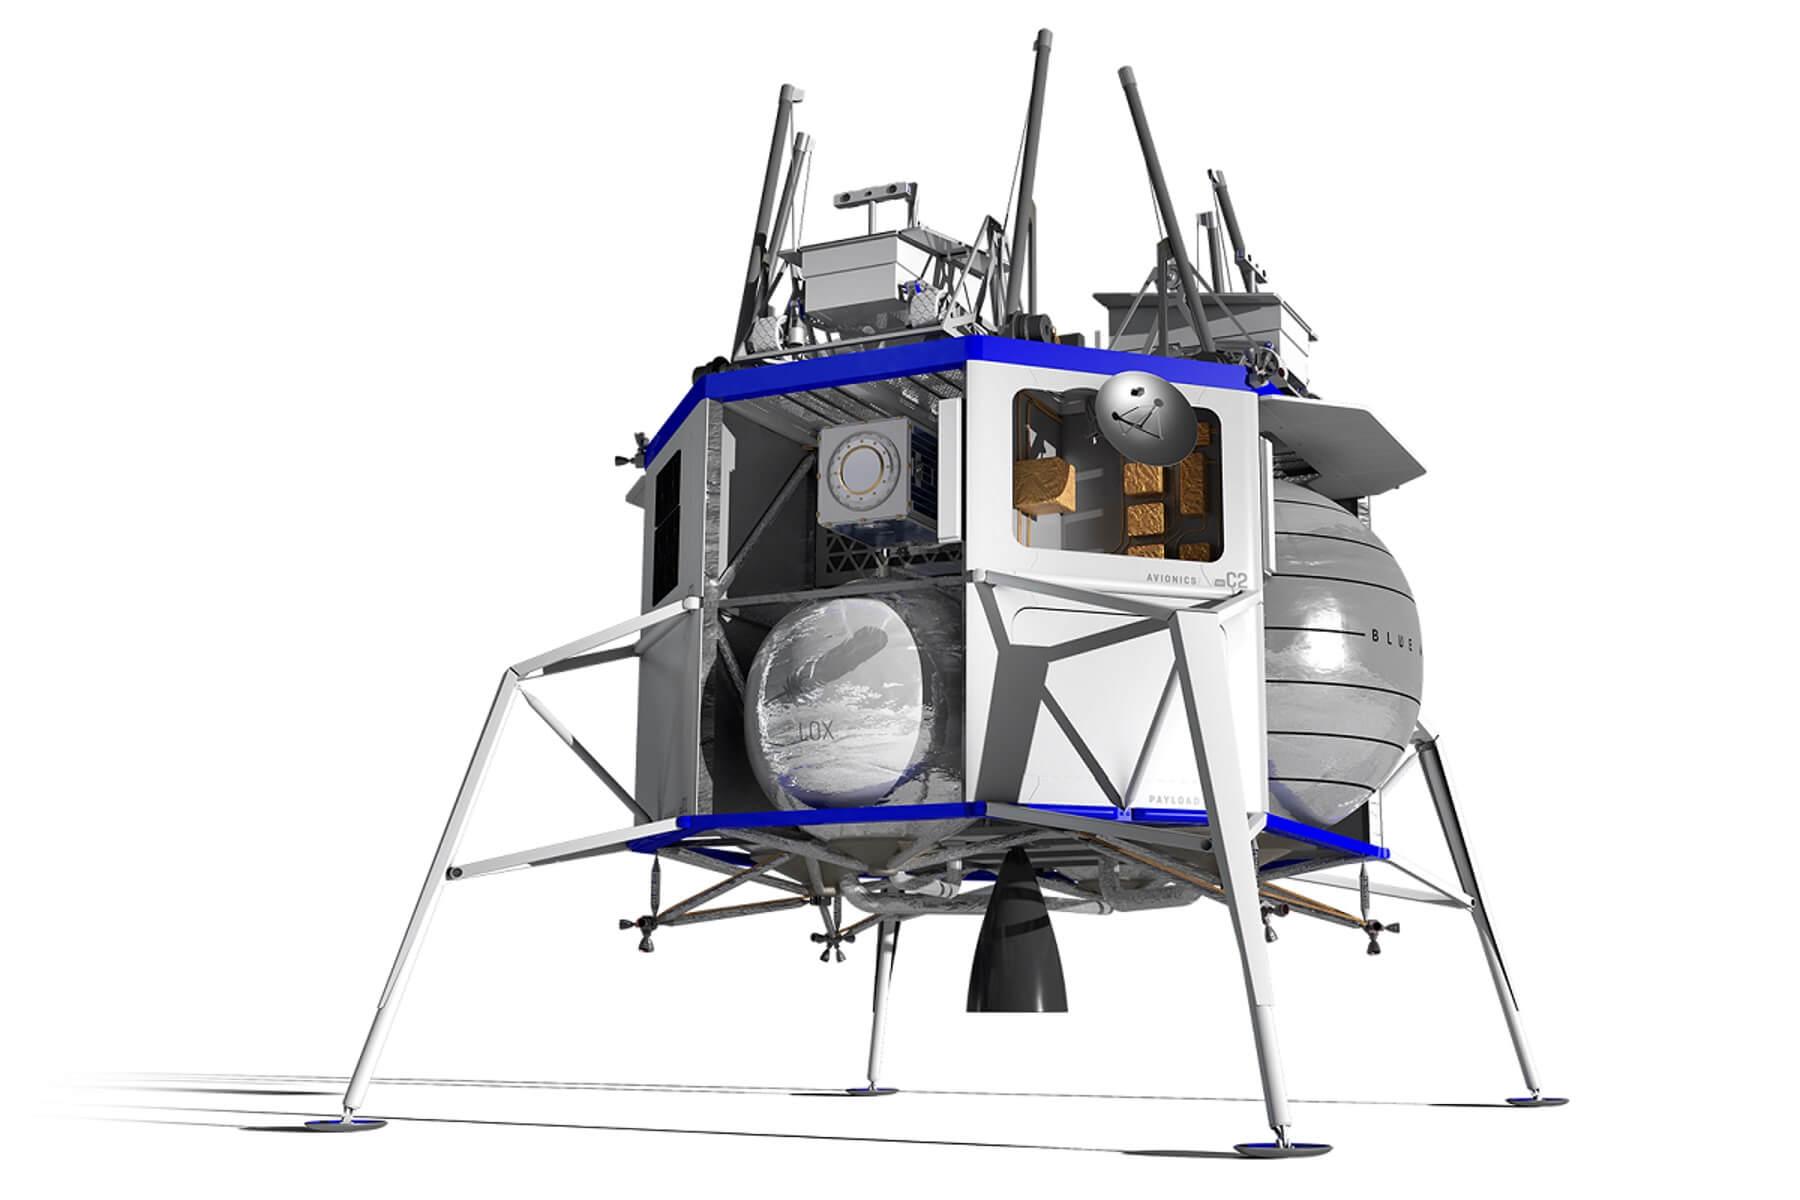 Ανθρώπους στη Σελήνη έως το 2024 στέλνει η Blue Origin του Τζεφ Μπέζος